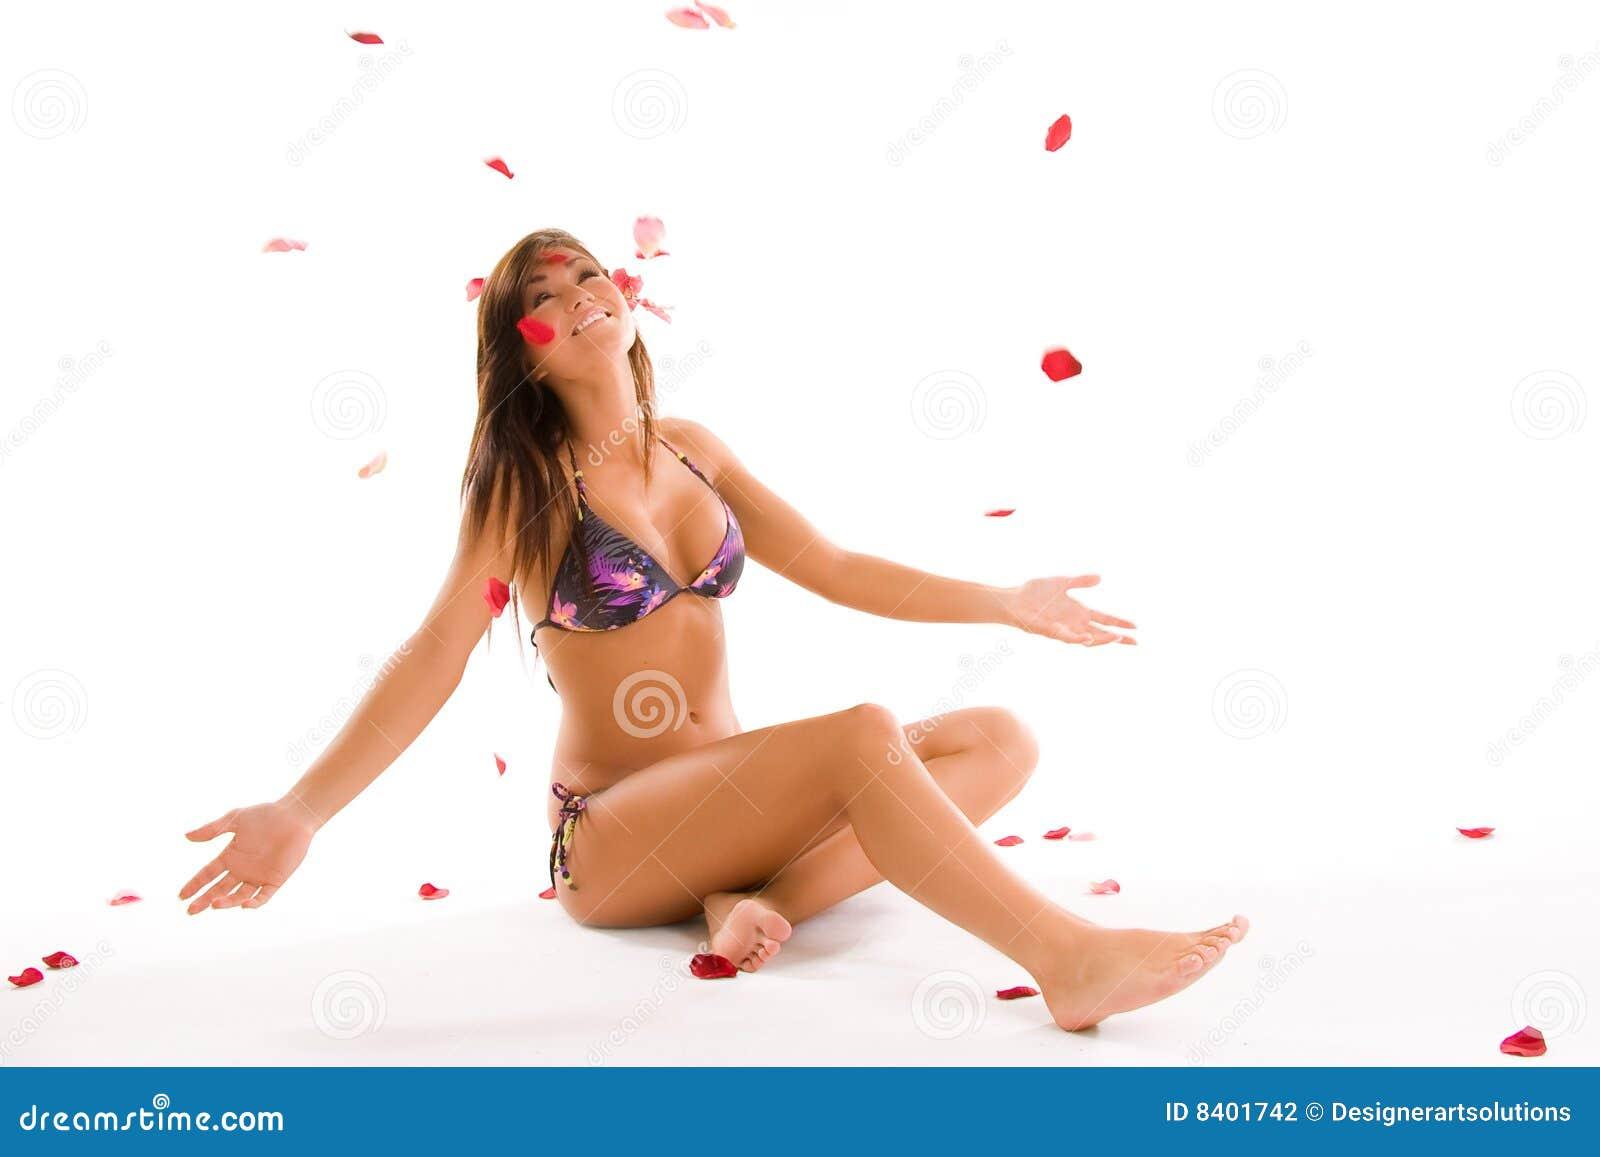 лепестки девушки бикини подняли